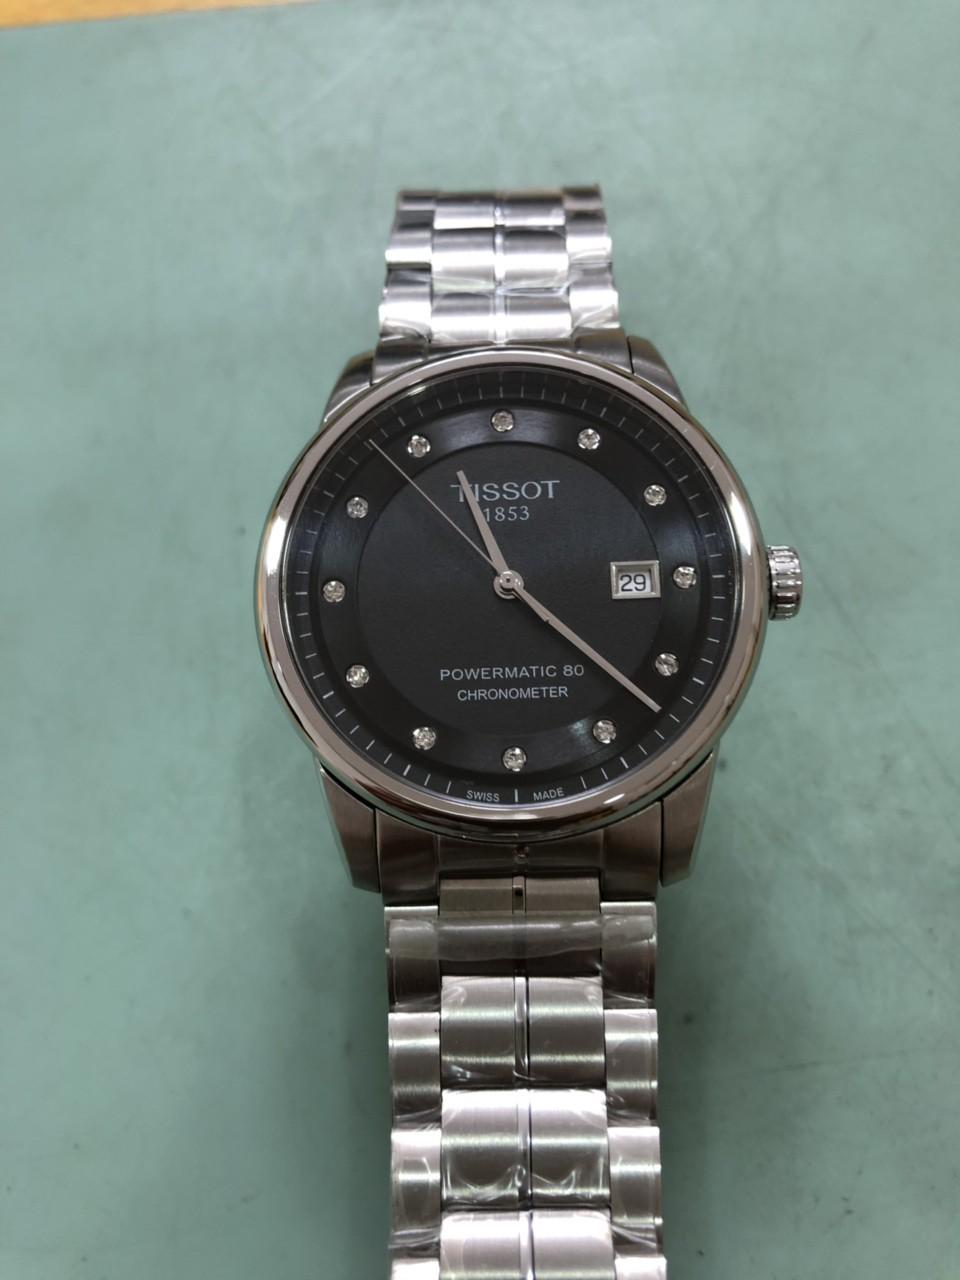 """Thẩm định đồng hồ ở Hà Nội: """"Lật mặt"""" đồng hồ giả siêu tinh vi, giống thật 99% - Ảnh 2."""